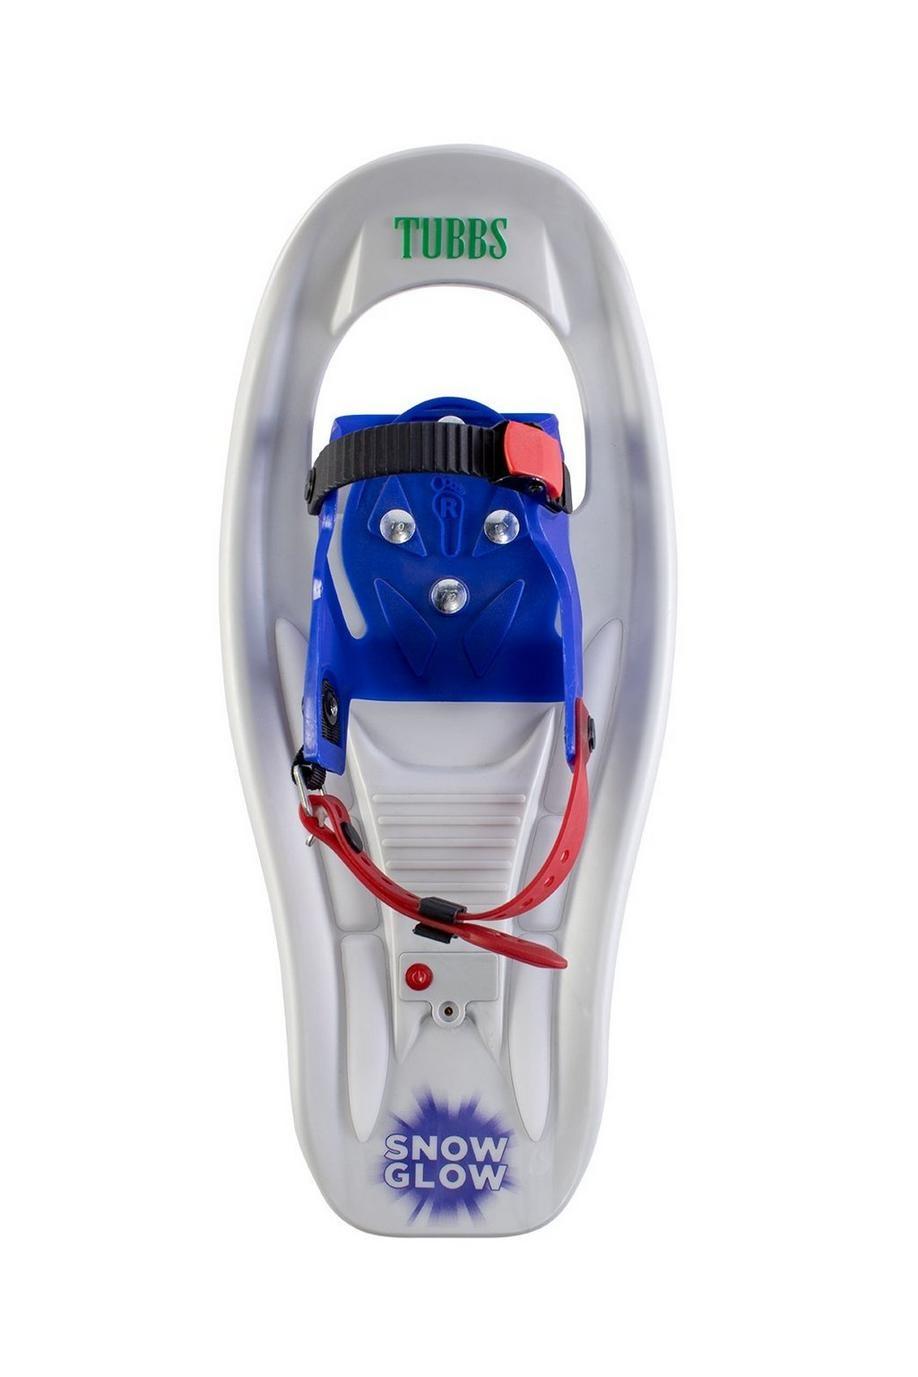 Tubbs SnowGlow 14